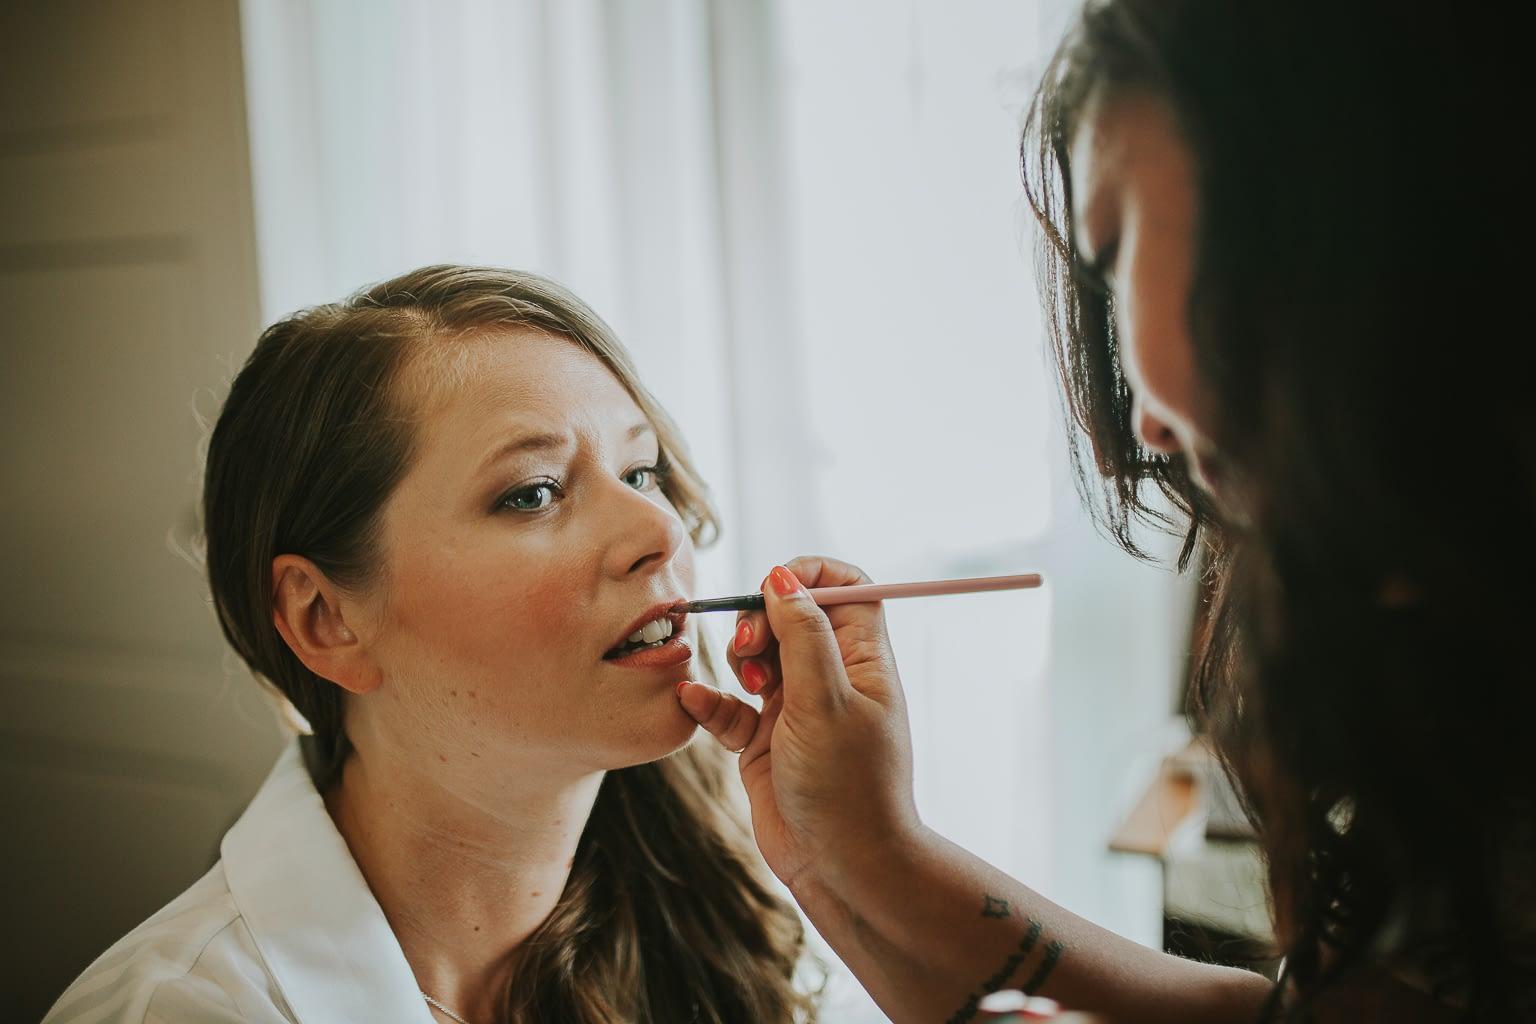 mariée se prépare pour son mariage. la maquilleuse peint ses lèvres